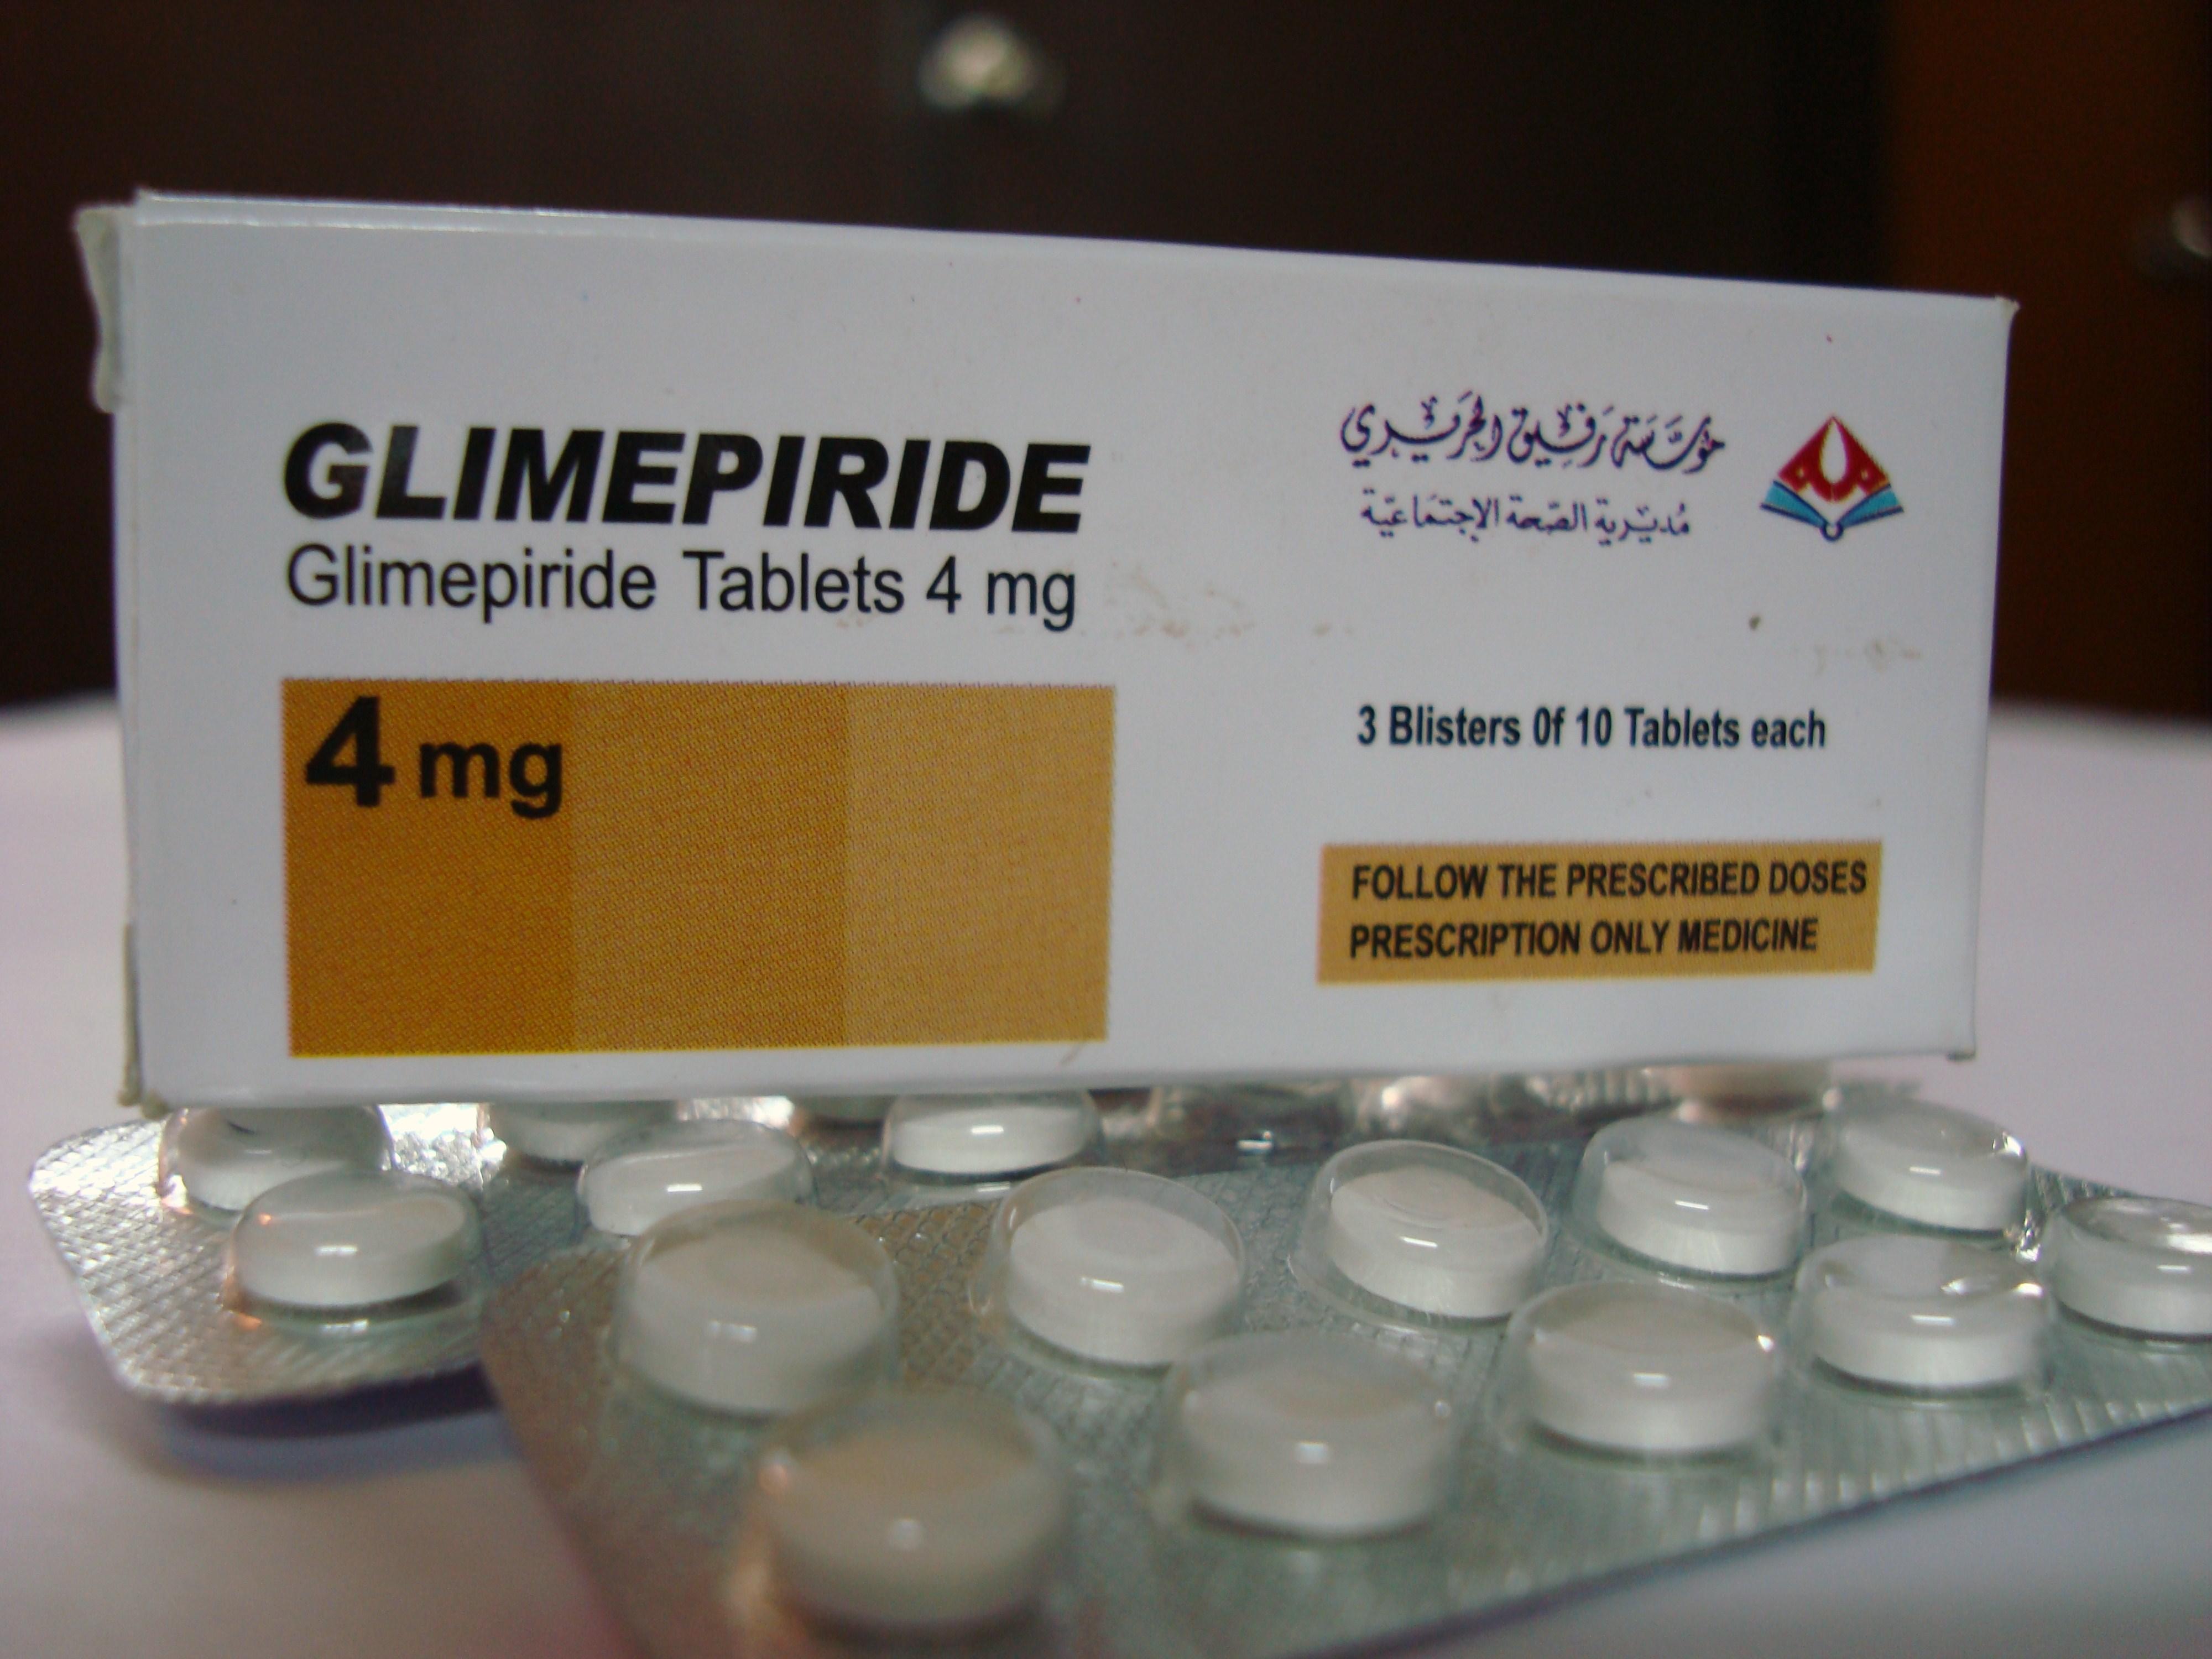 glimepiride tablets 1mg 2mg 4mg glimepiride fumrate tablets, Skeleton